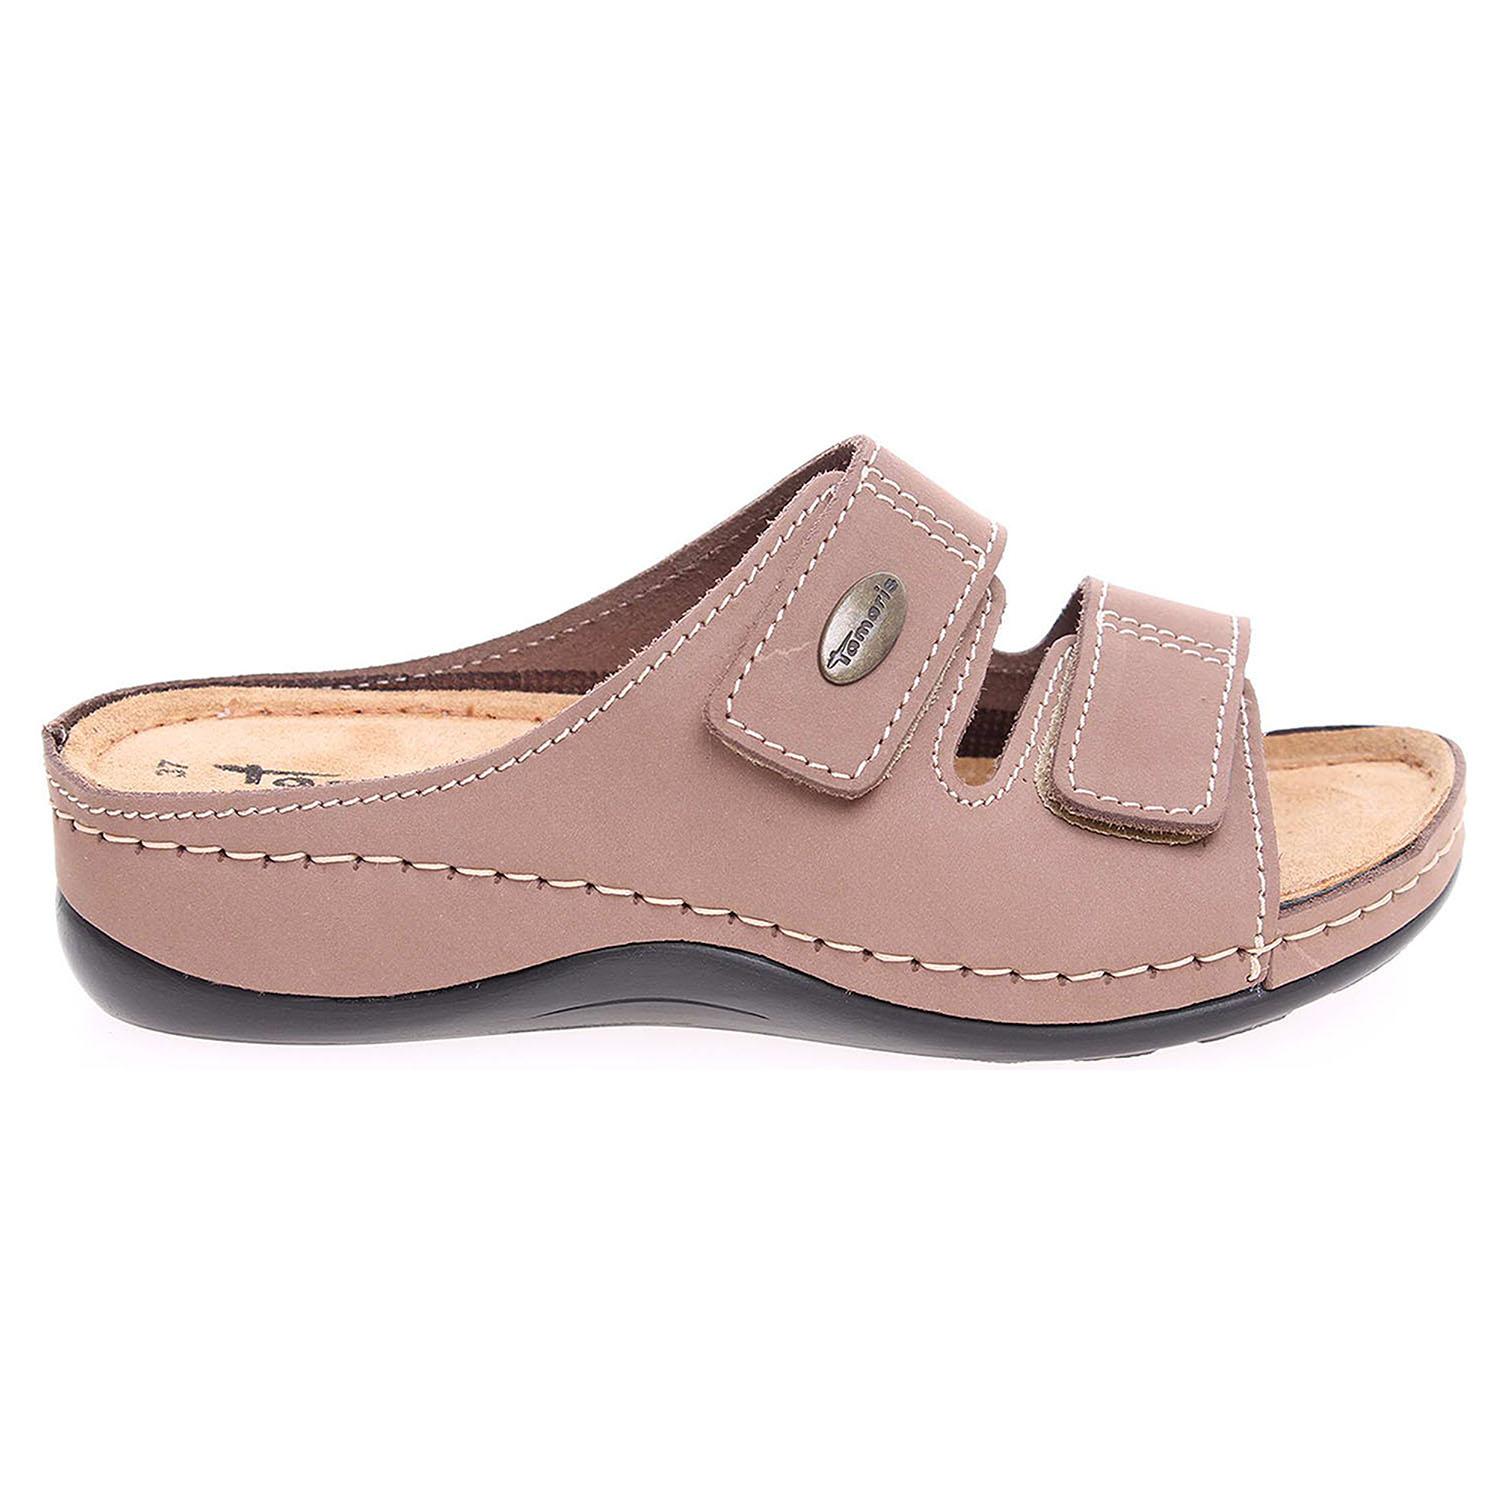 Tamaris dámské pantofle 1-27510-20 taupe 1-1-27510-21 341 38